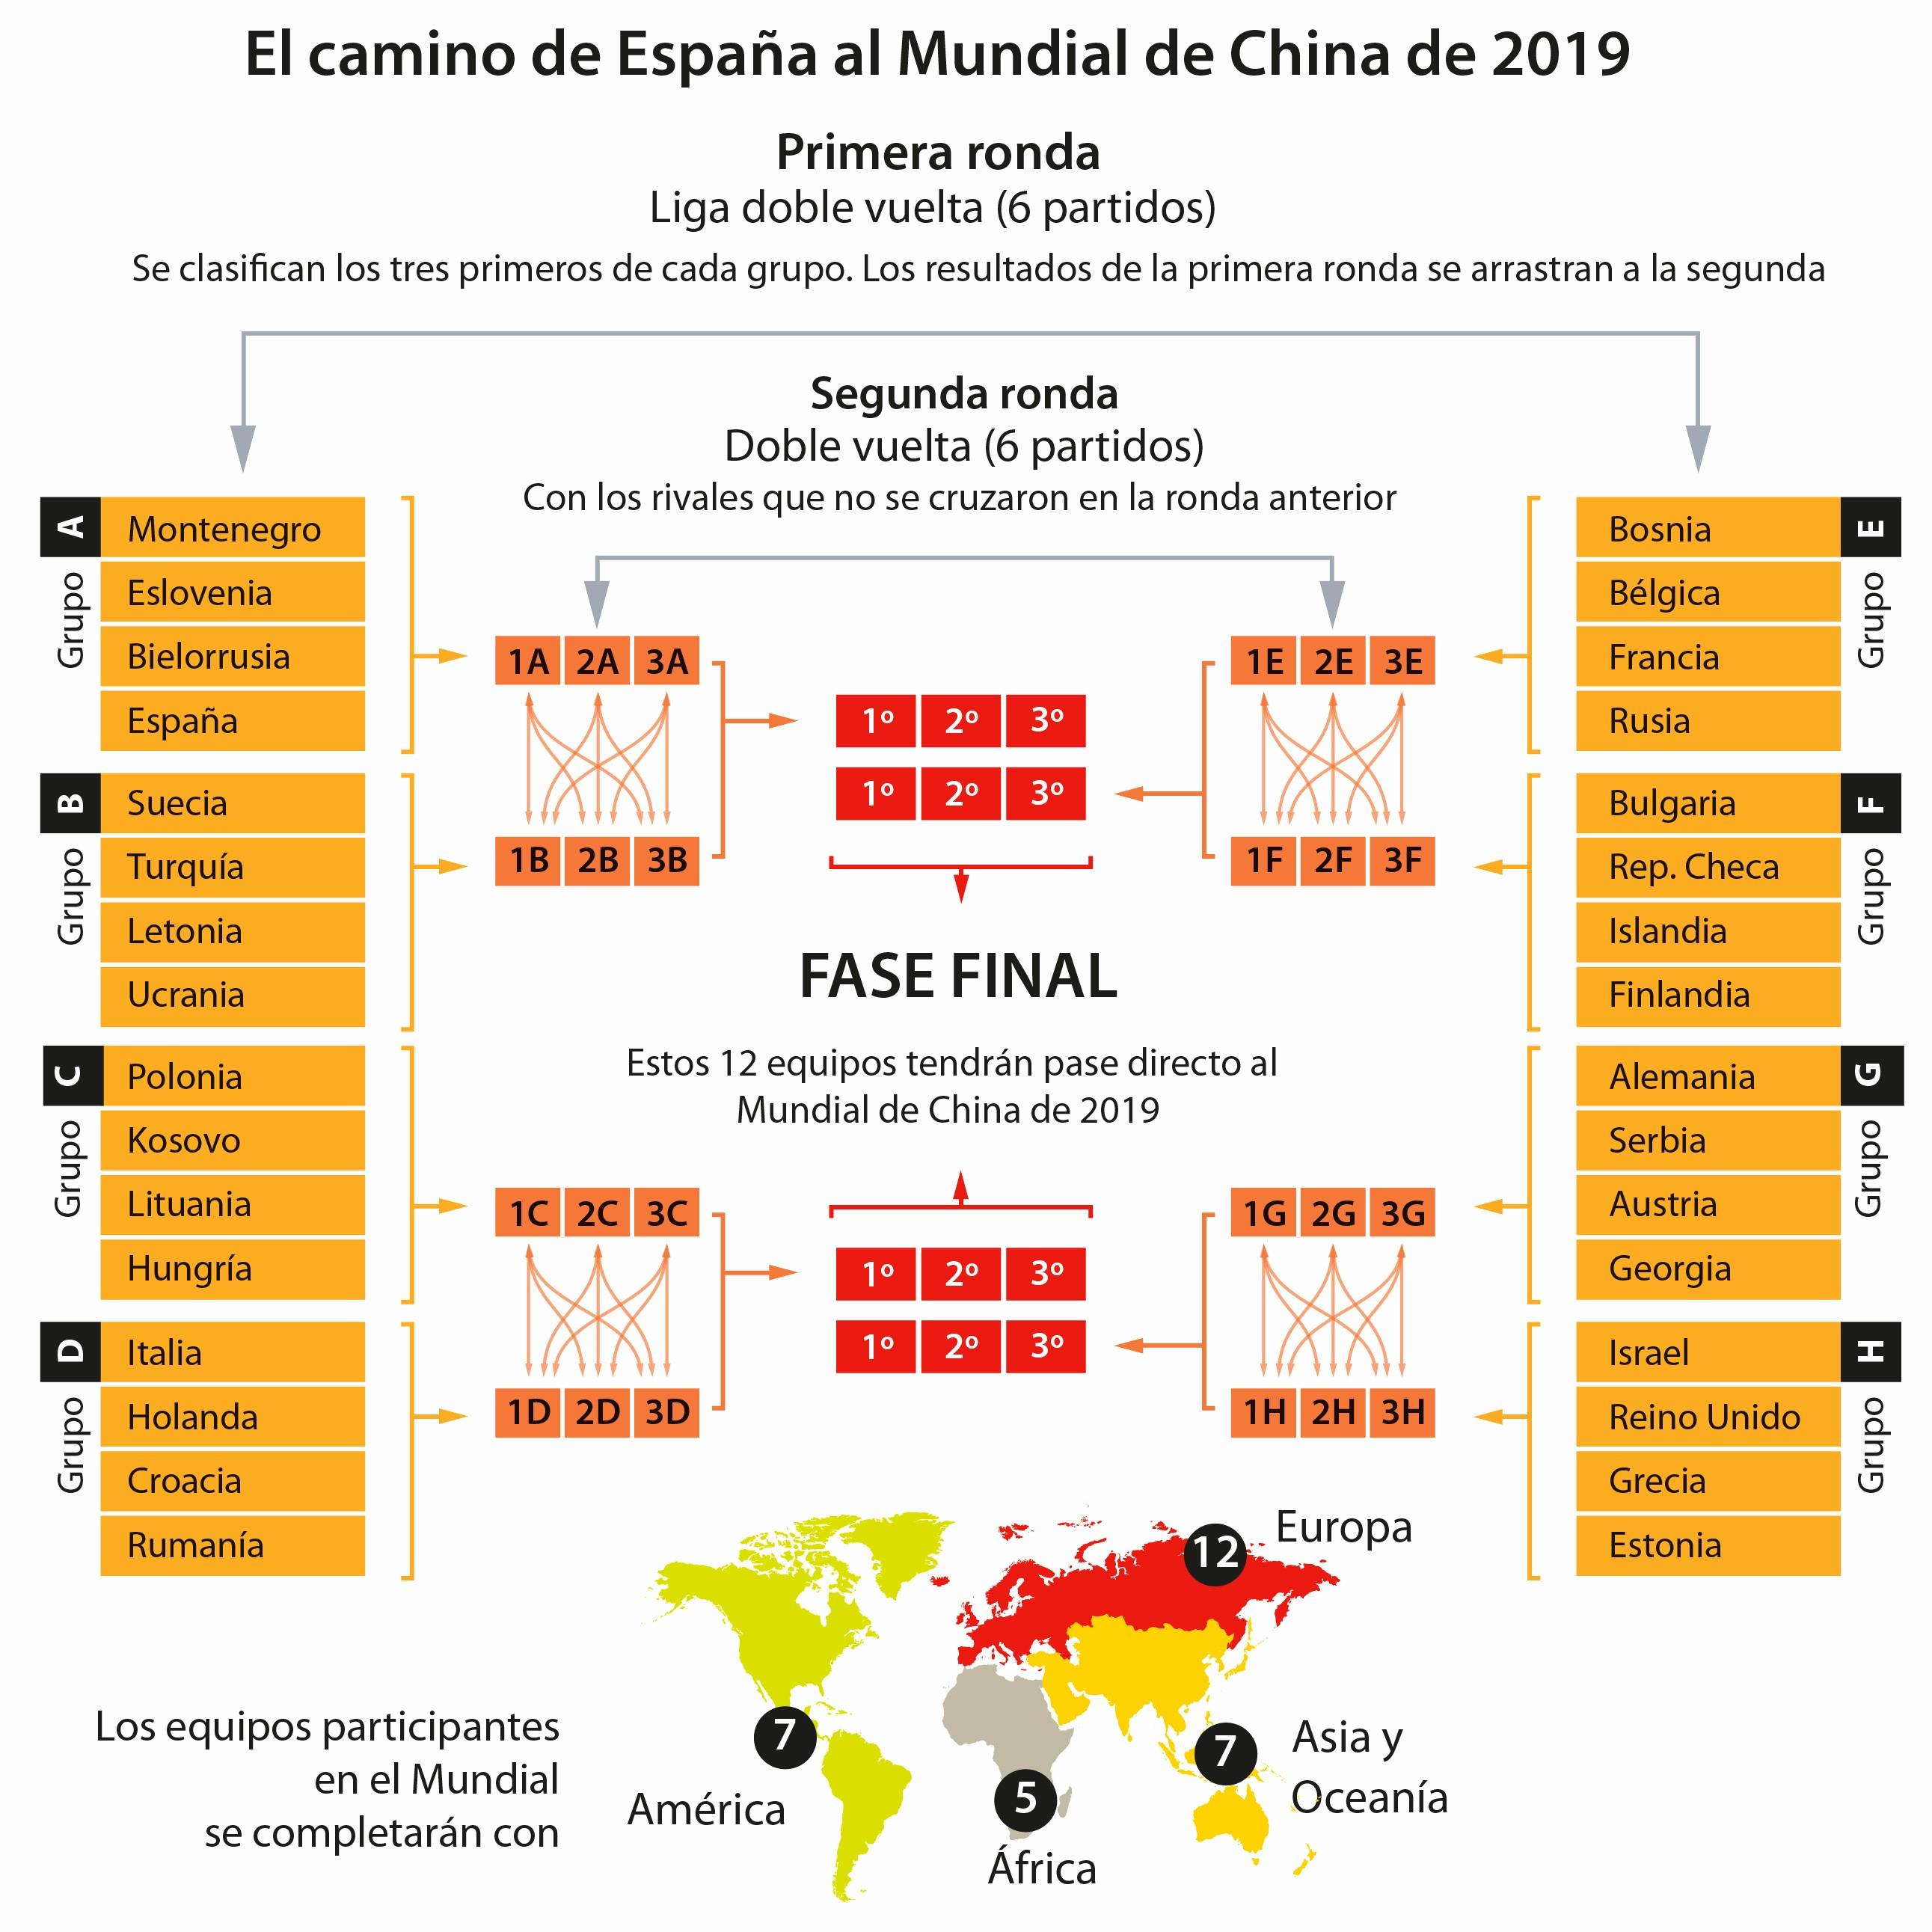 Calendario Mundial Rusia 2019 Horario Espa±a Clasificacion Mundial 2019 asi Funcionan Las Ventanas Fiba